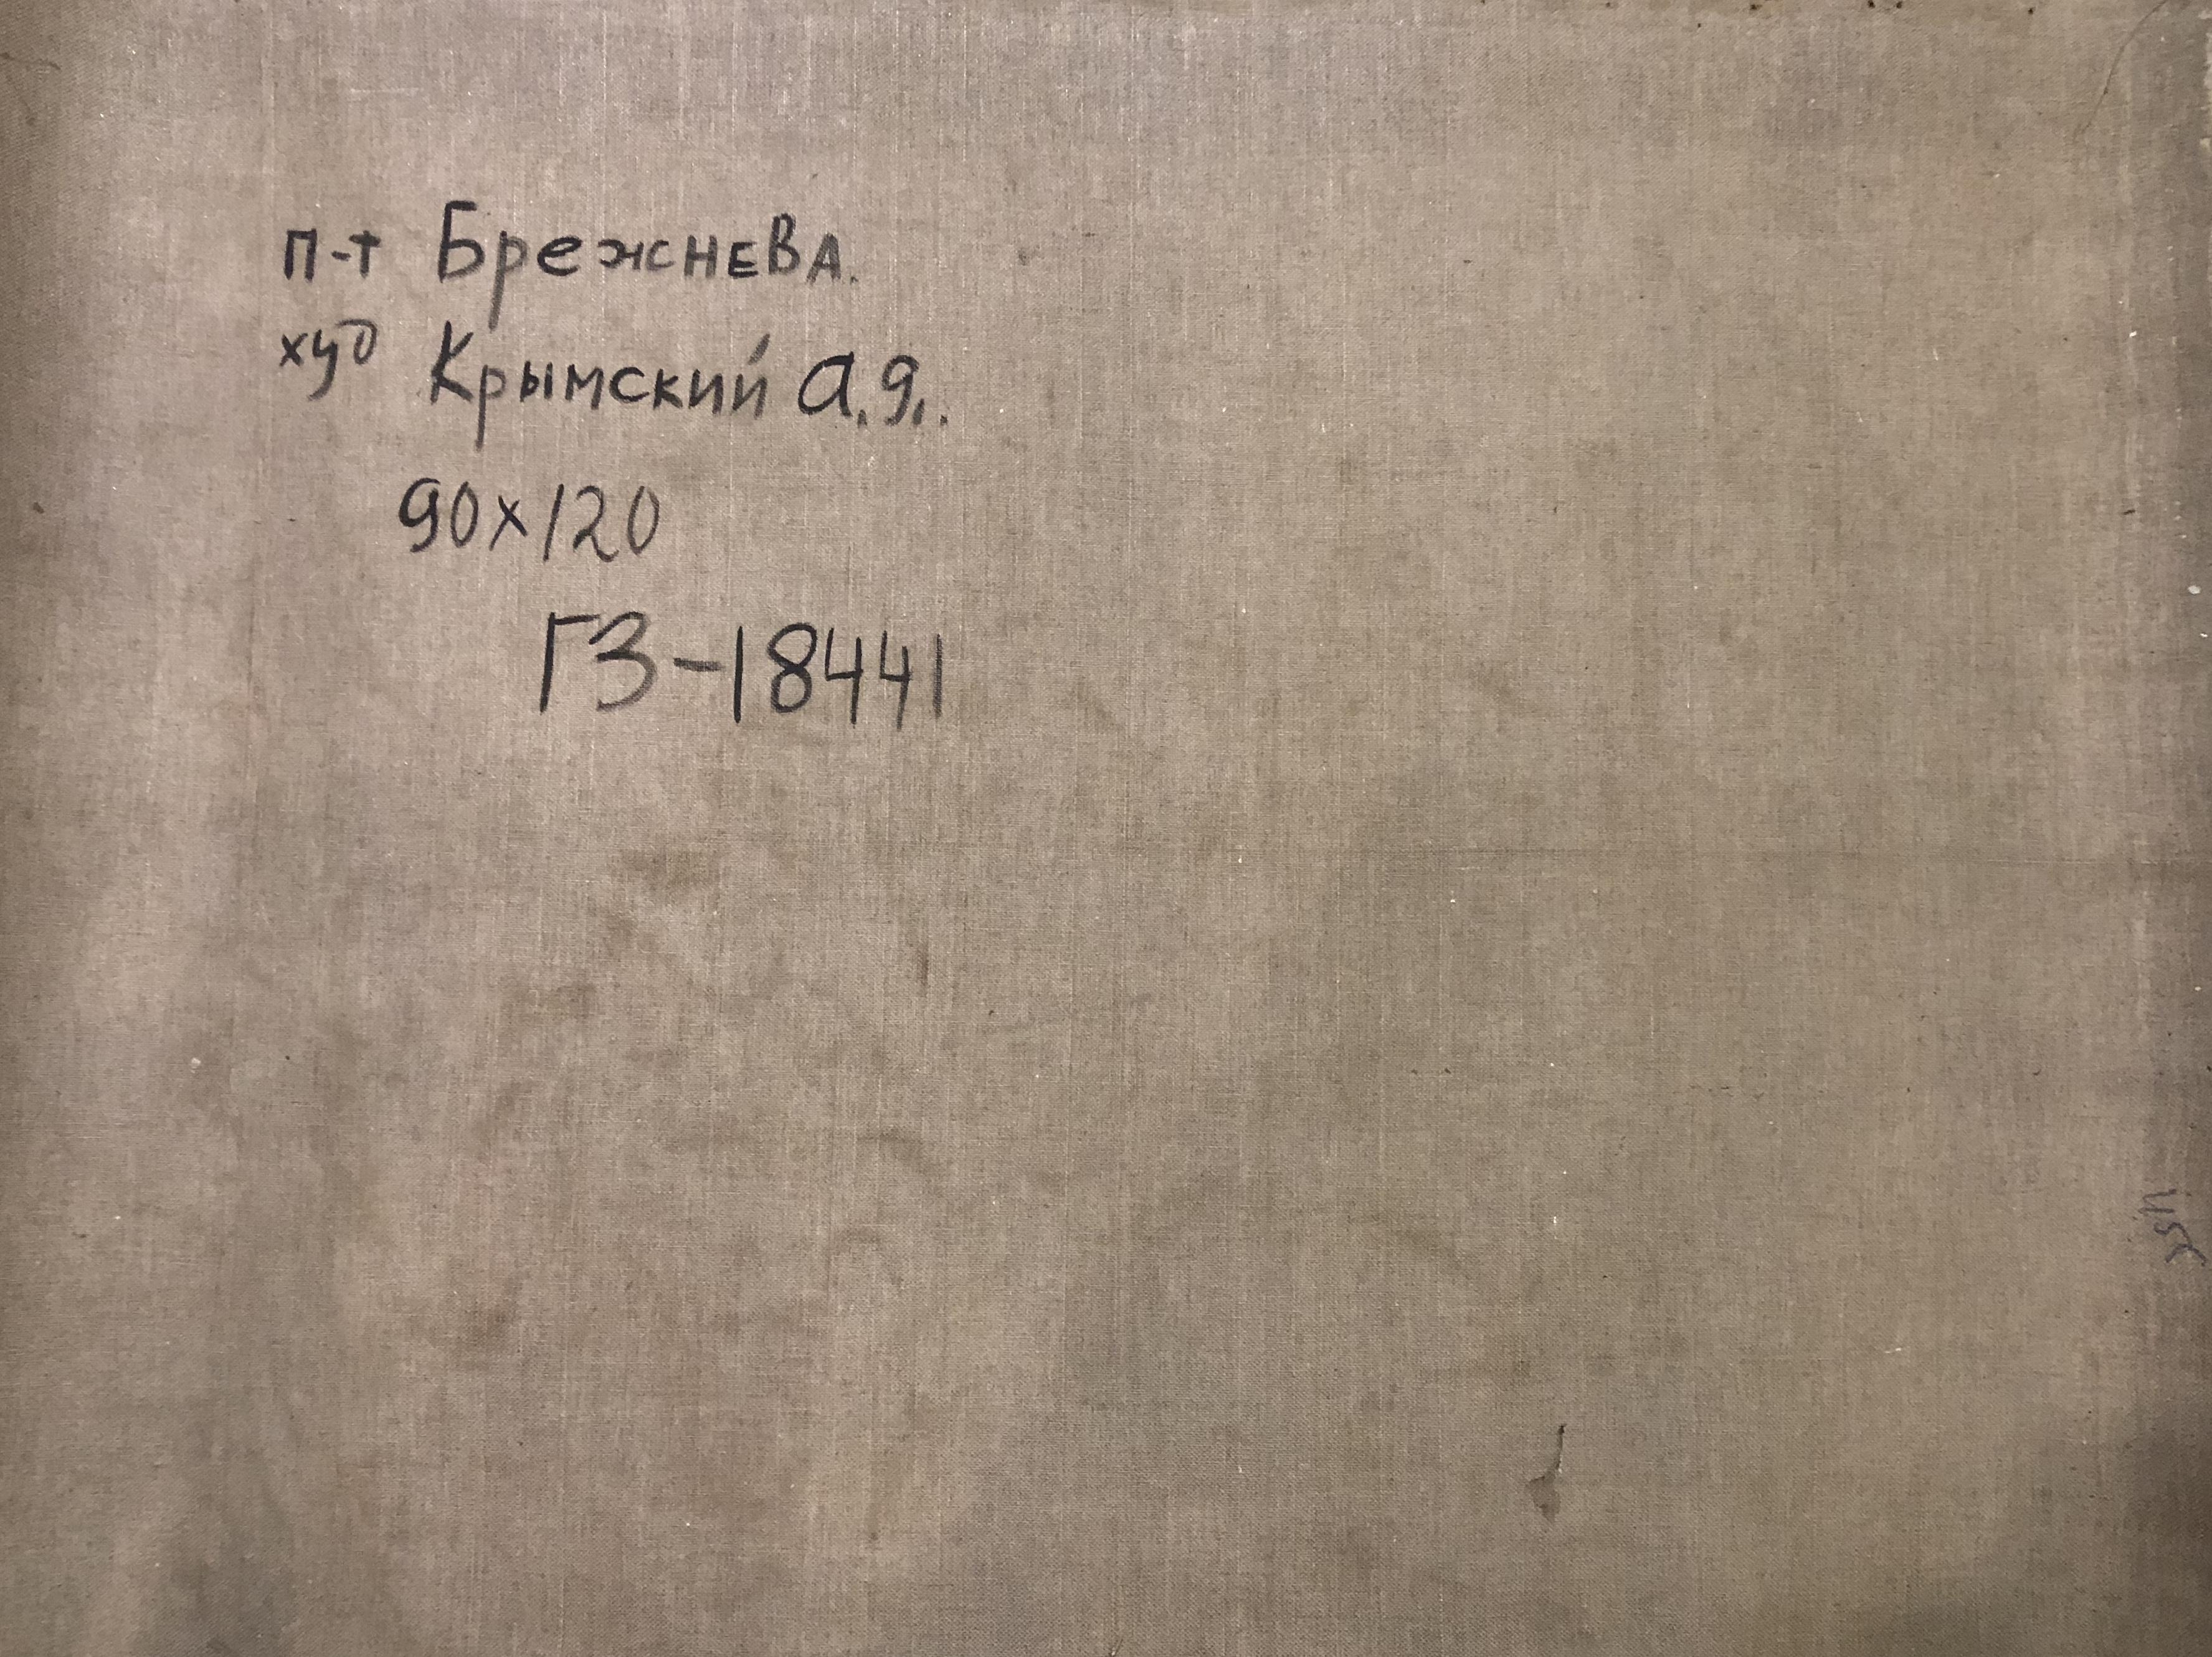 Оборот. Крымский Аркадий Яковлевич. Генеральный секретарь ЦК КПСС Леонид Ильич Брежнев